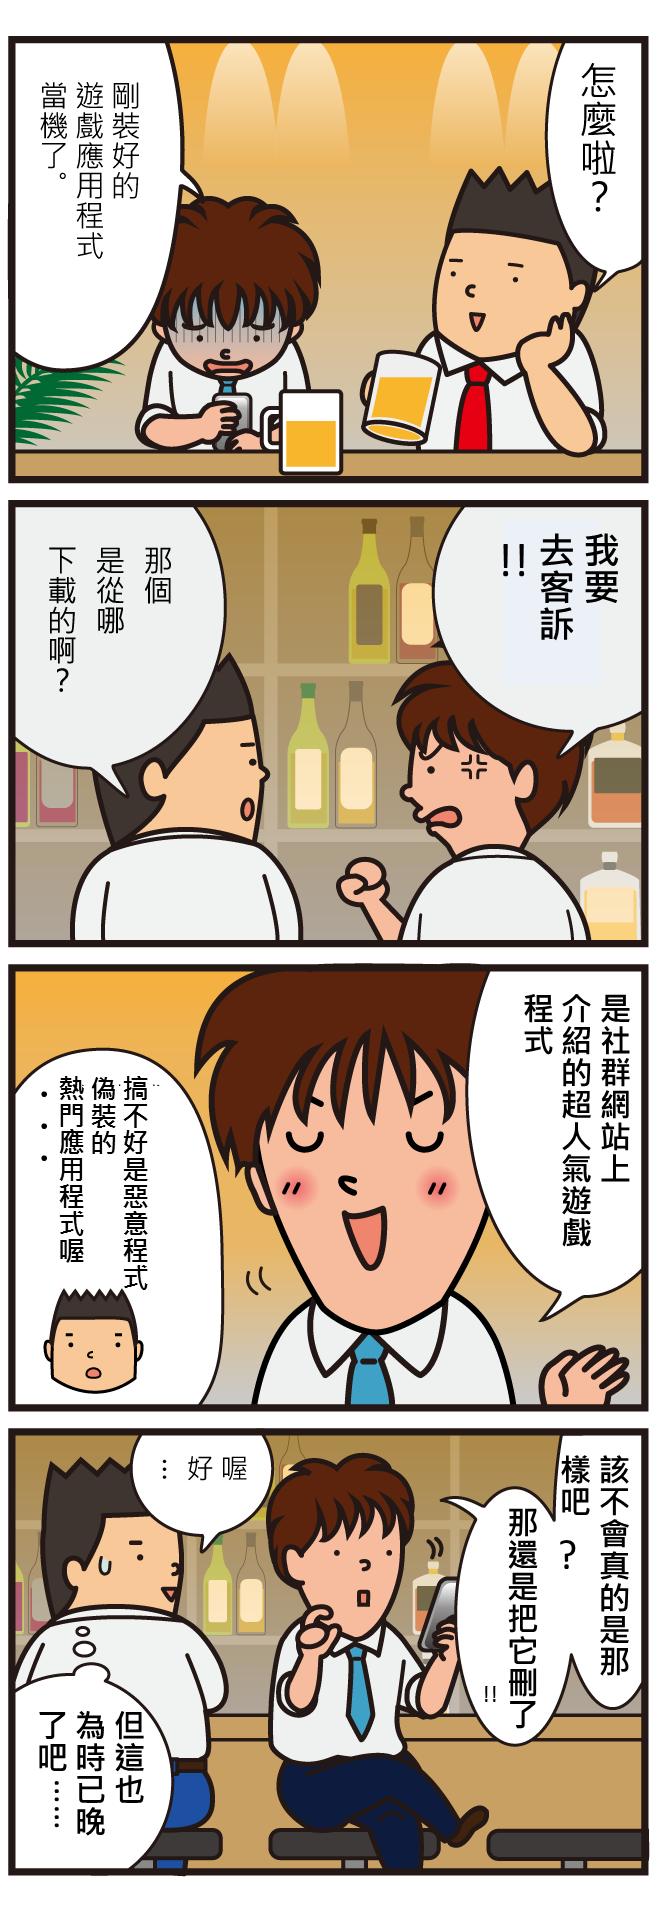 資安漫畫 16 app